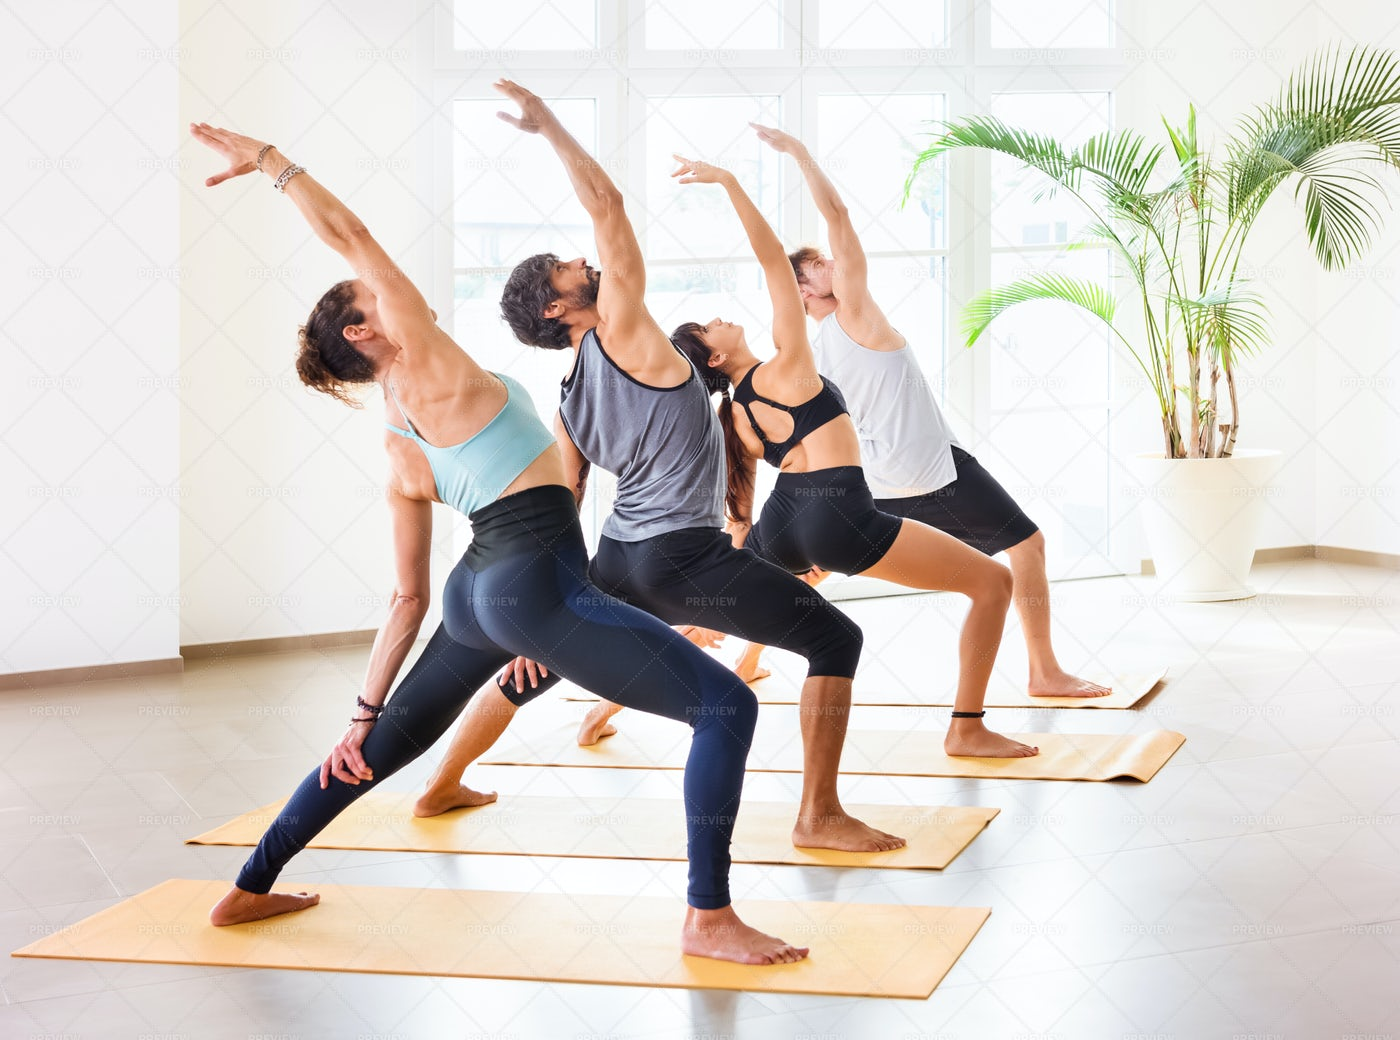 Yoga Class Pracitcing Poses: Stock Photos